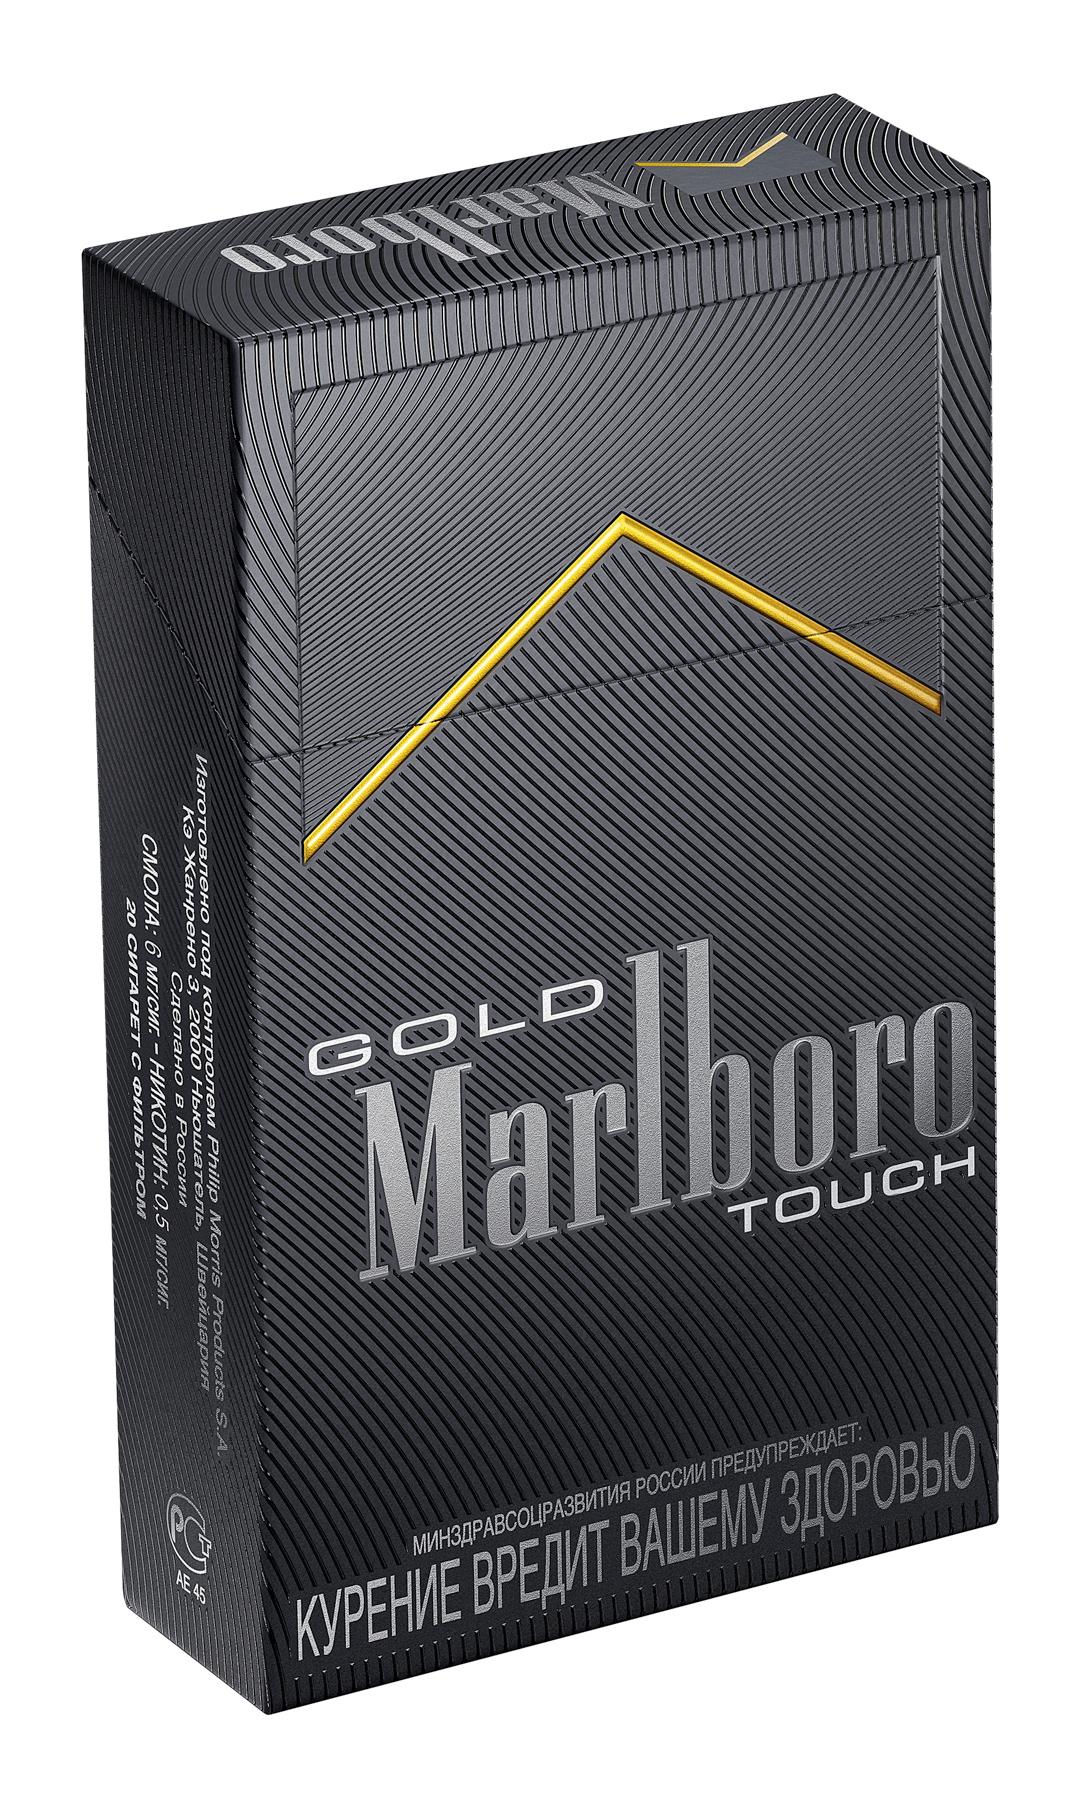 Сигареты мальборо голд купить в москве marlboro сигареты duty free купить